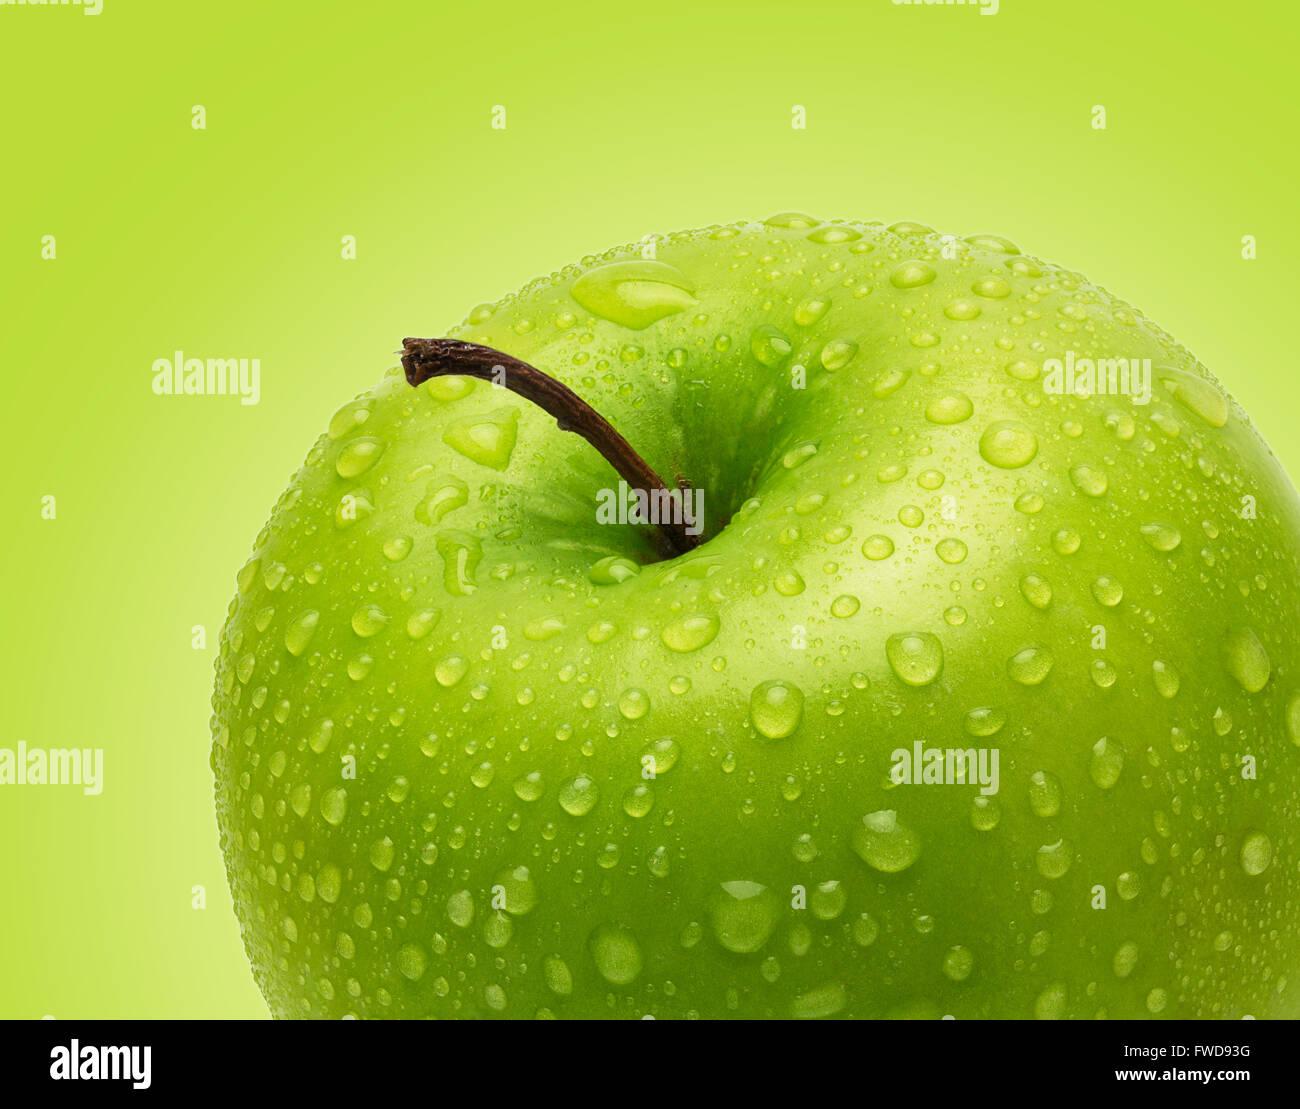 Pomme verte fraîche parfait isolé sur fond vert dans toute la profondeur de champ avec chemin de détourage. Photo Stock